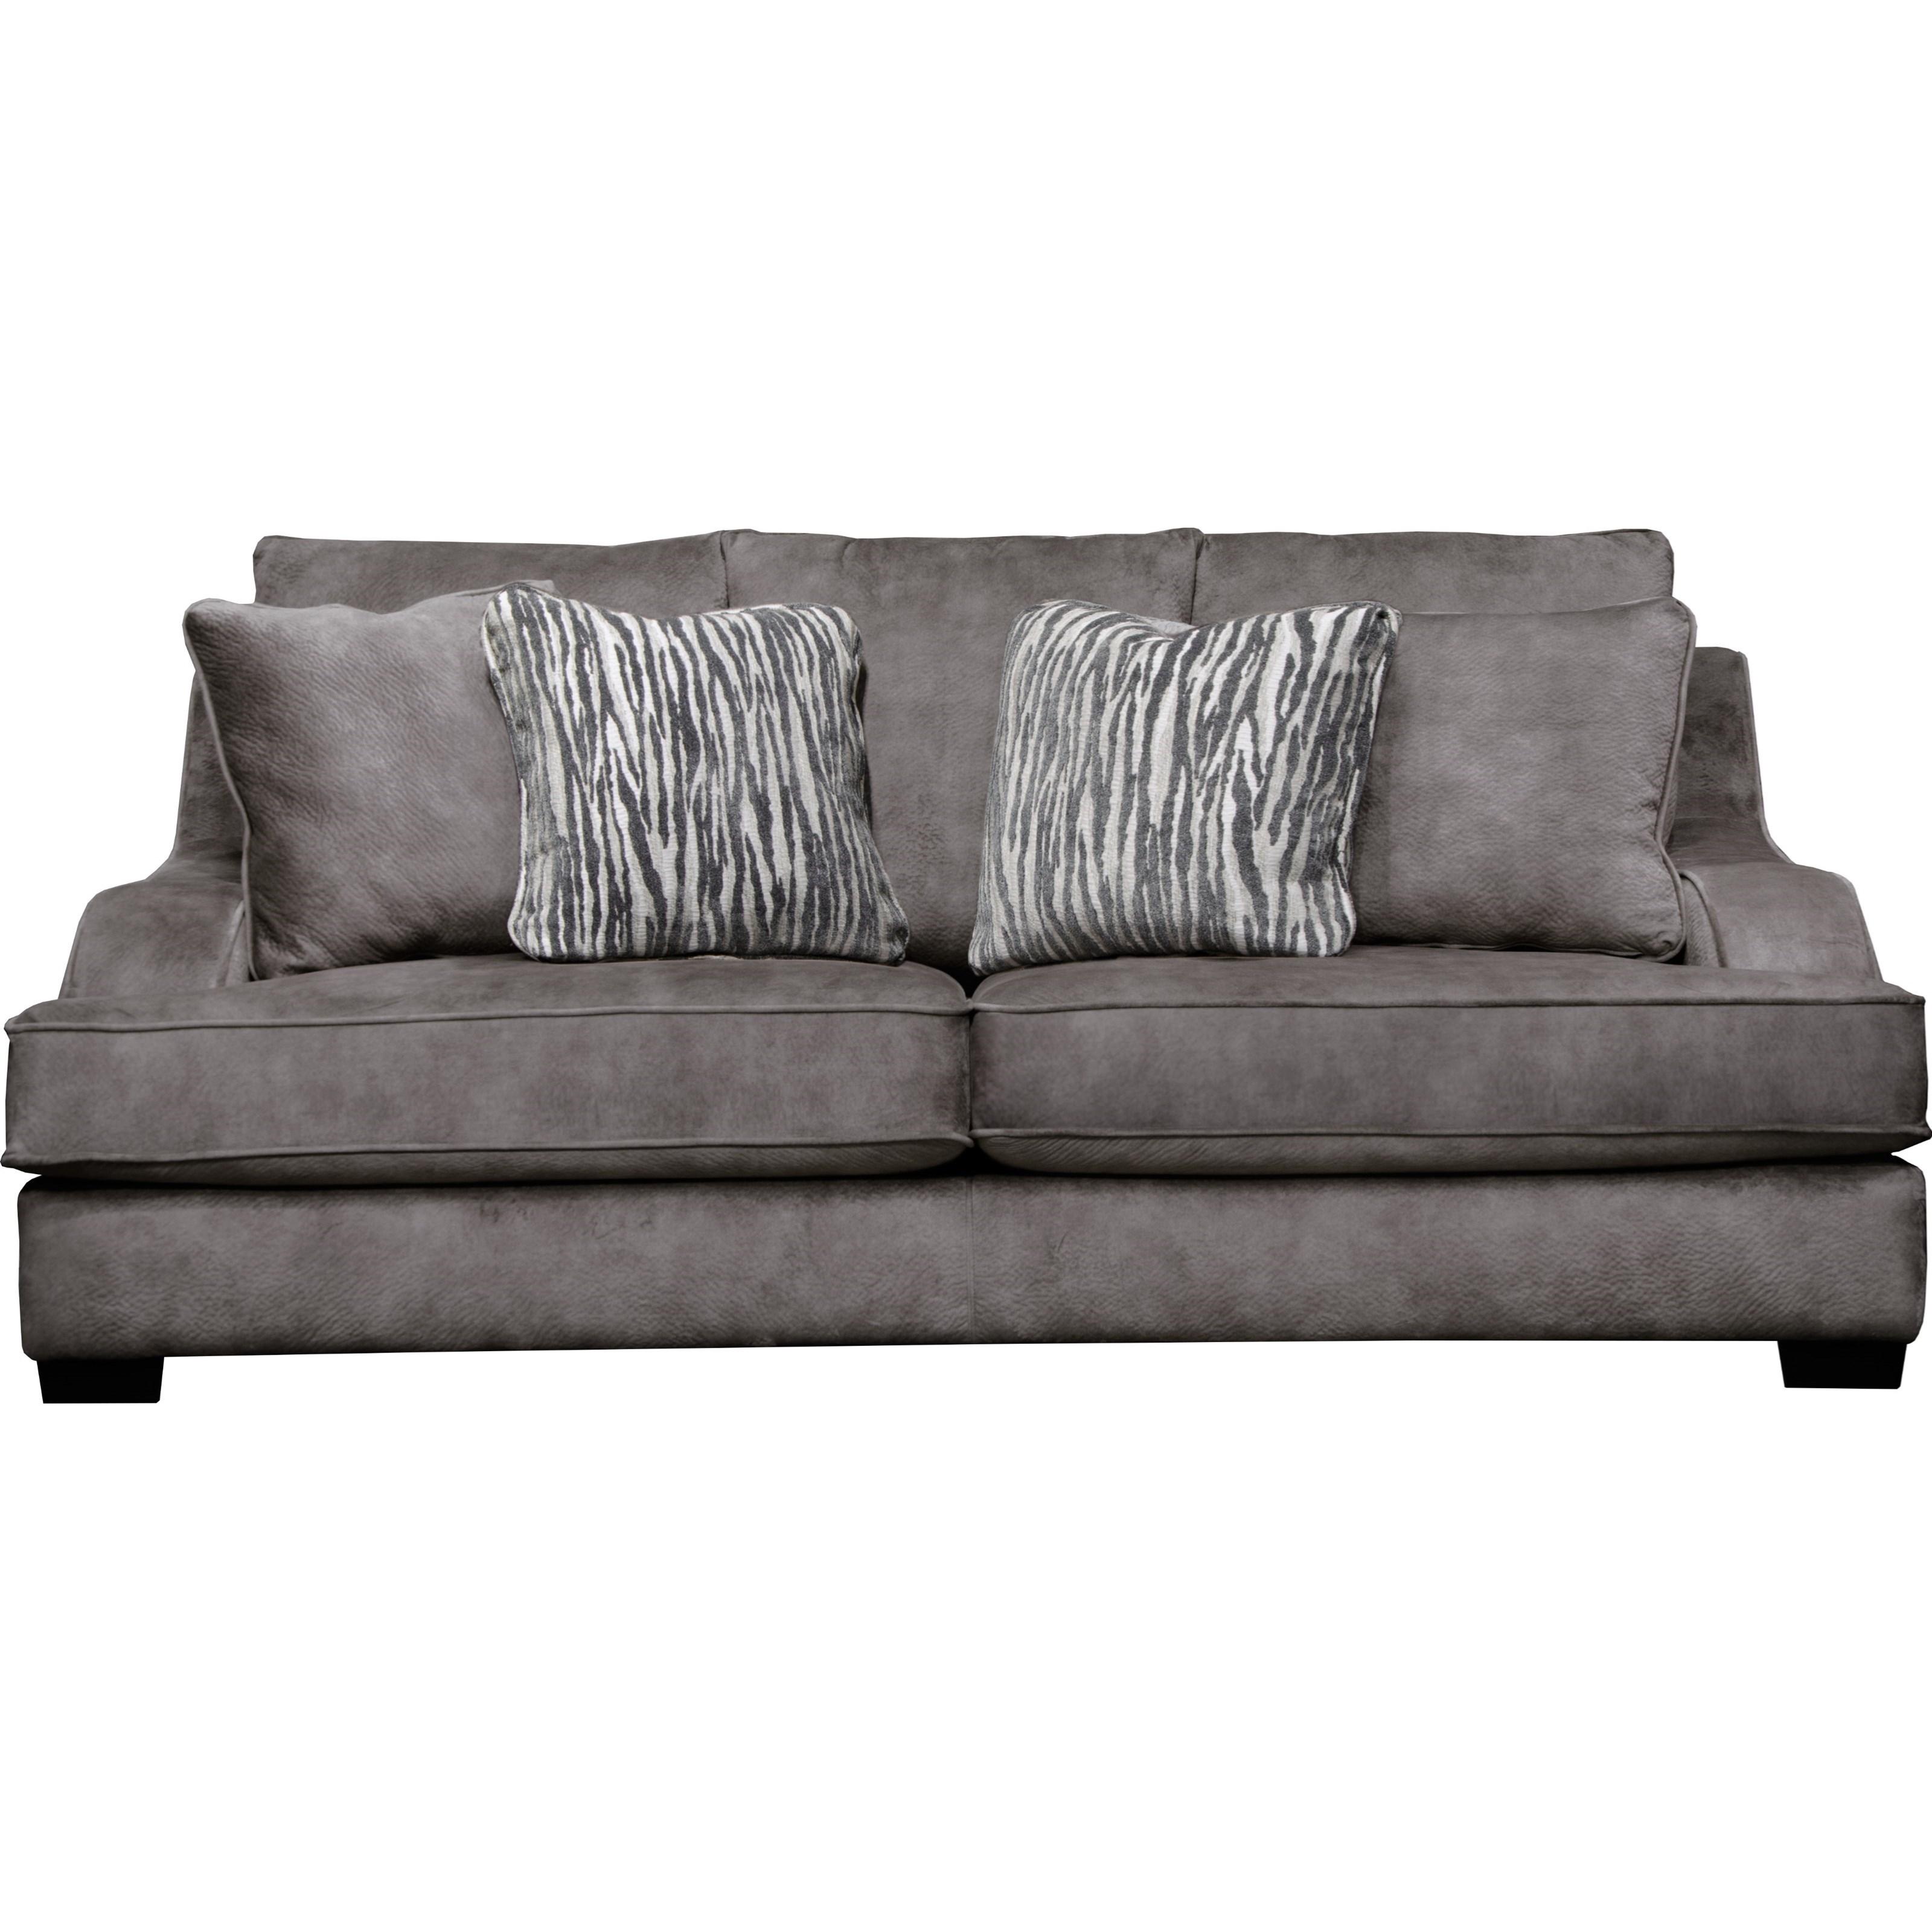 Jackson Furniture Carlsen Sofa - Item Number: 3157-03-2878-28